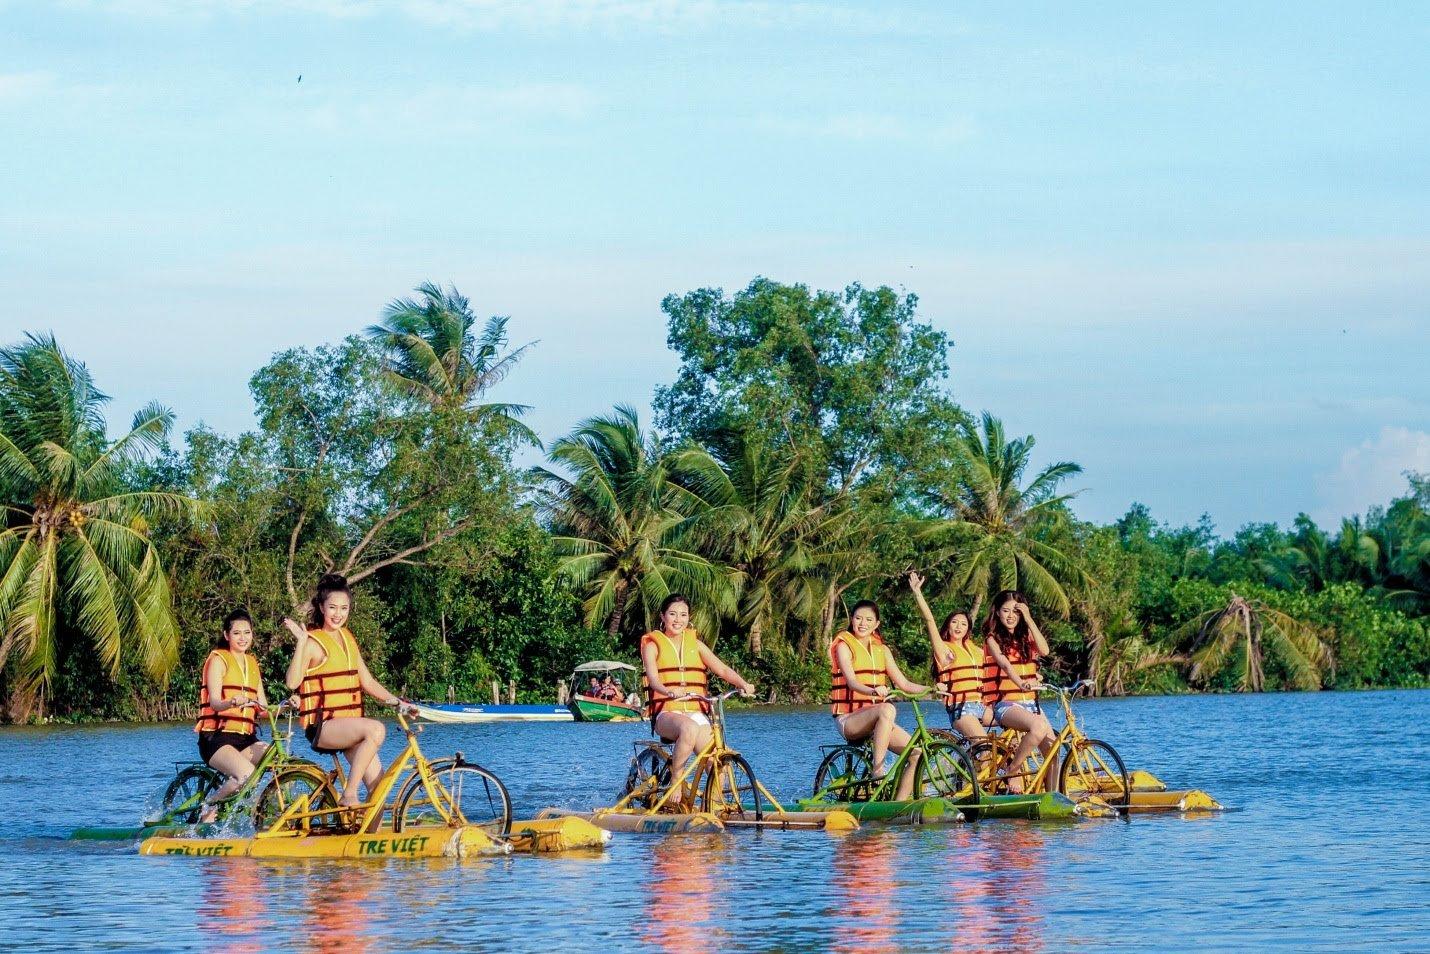 Top những địa điểm vui chơi ở gần Sài Gòn được yêu thích nhất